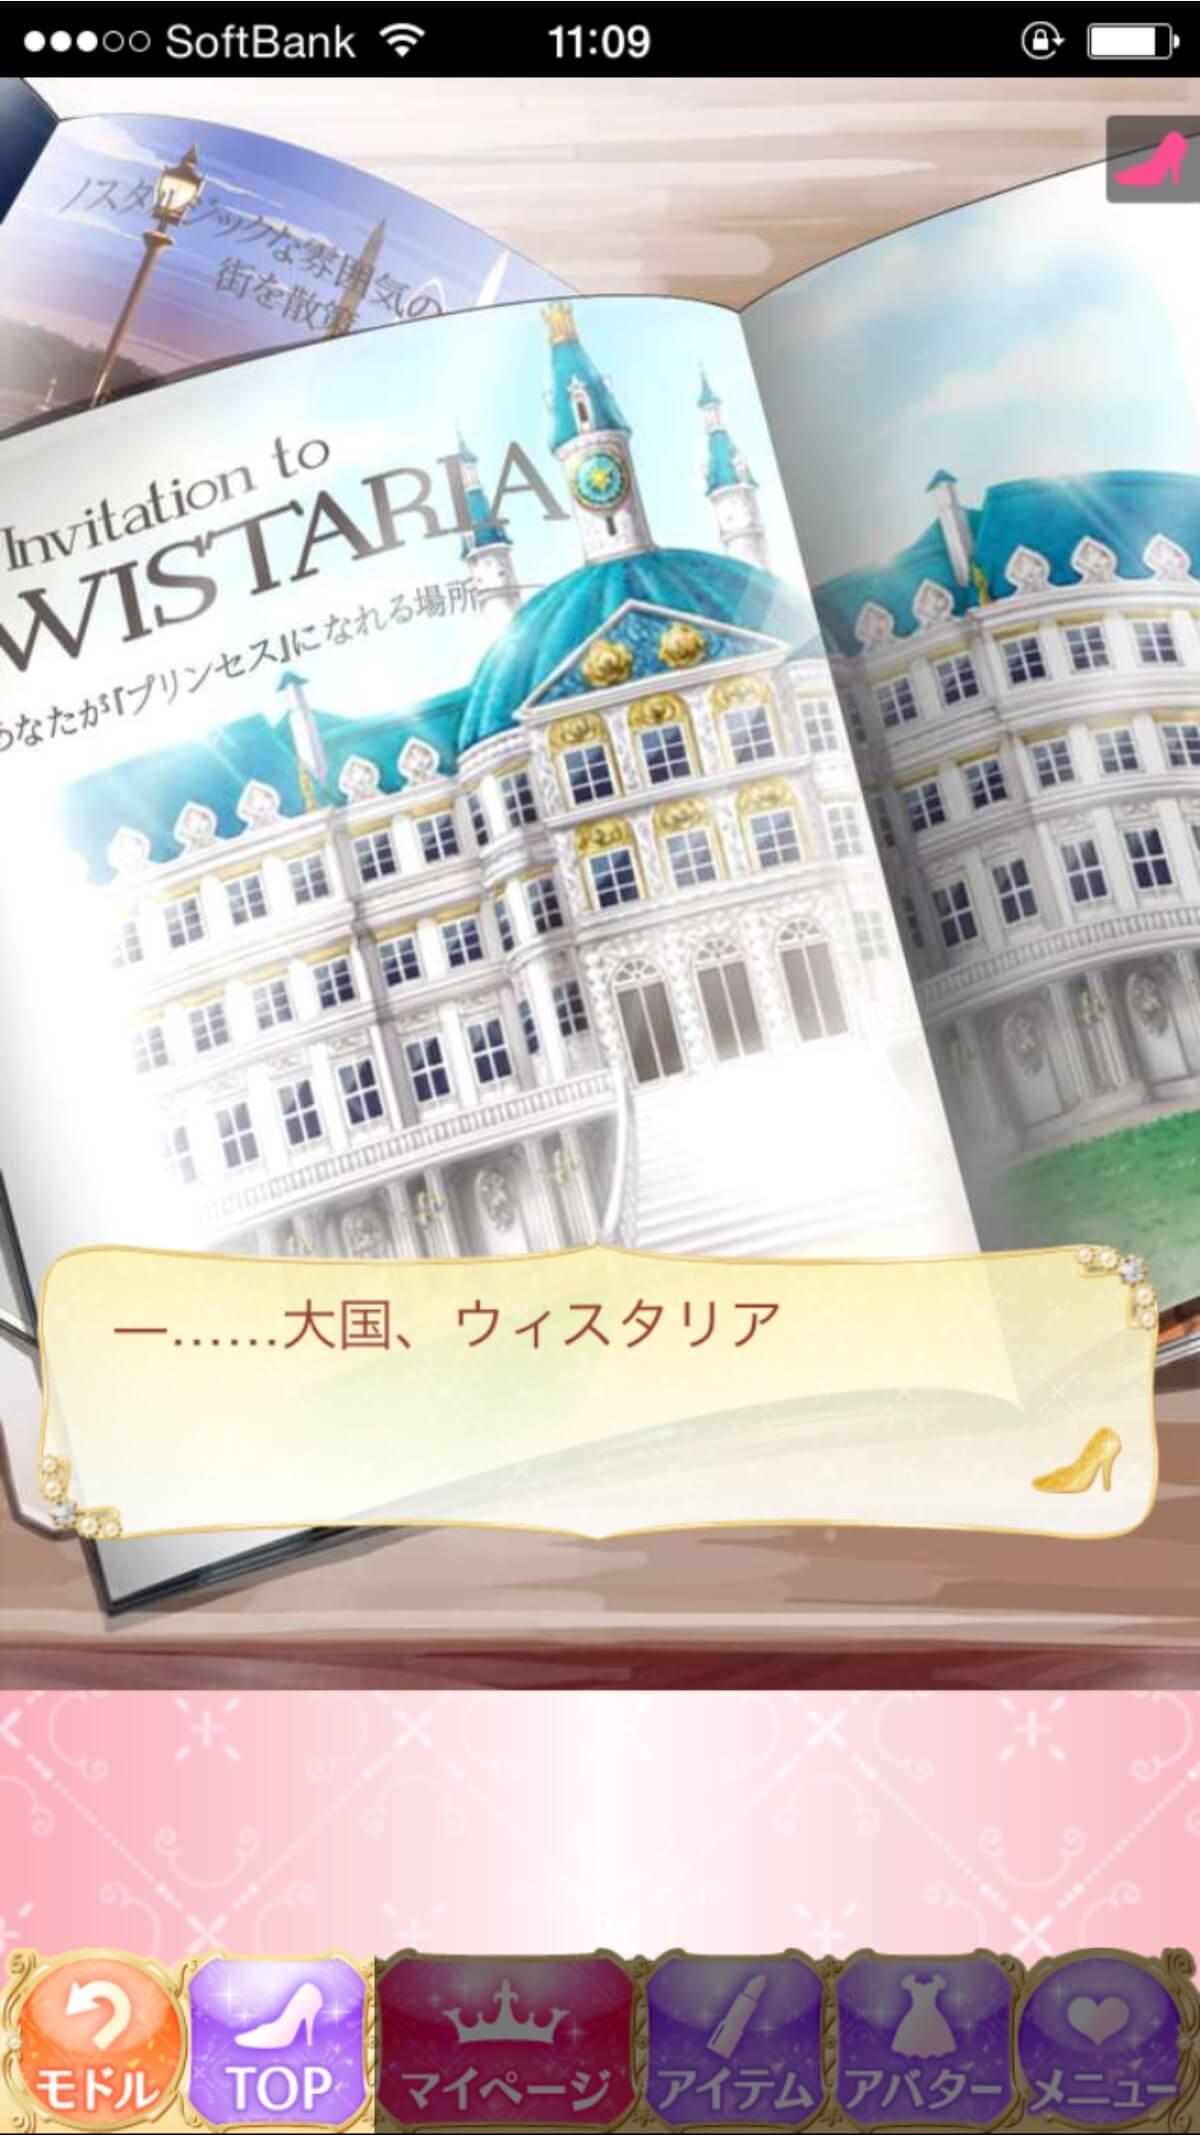 誰もがプリンセスになれる場所、「ウィスタリア」と書かれたパンフレットが広げられています。